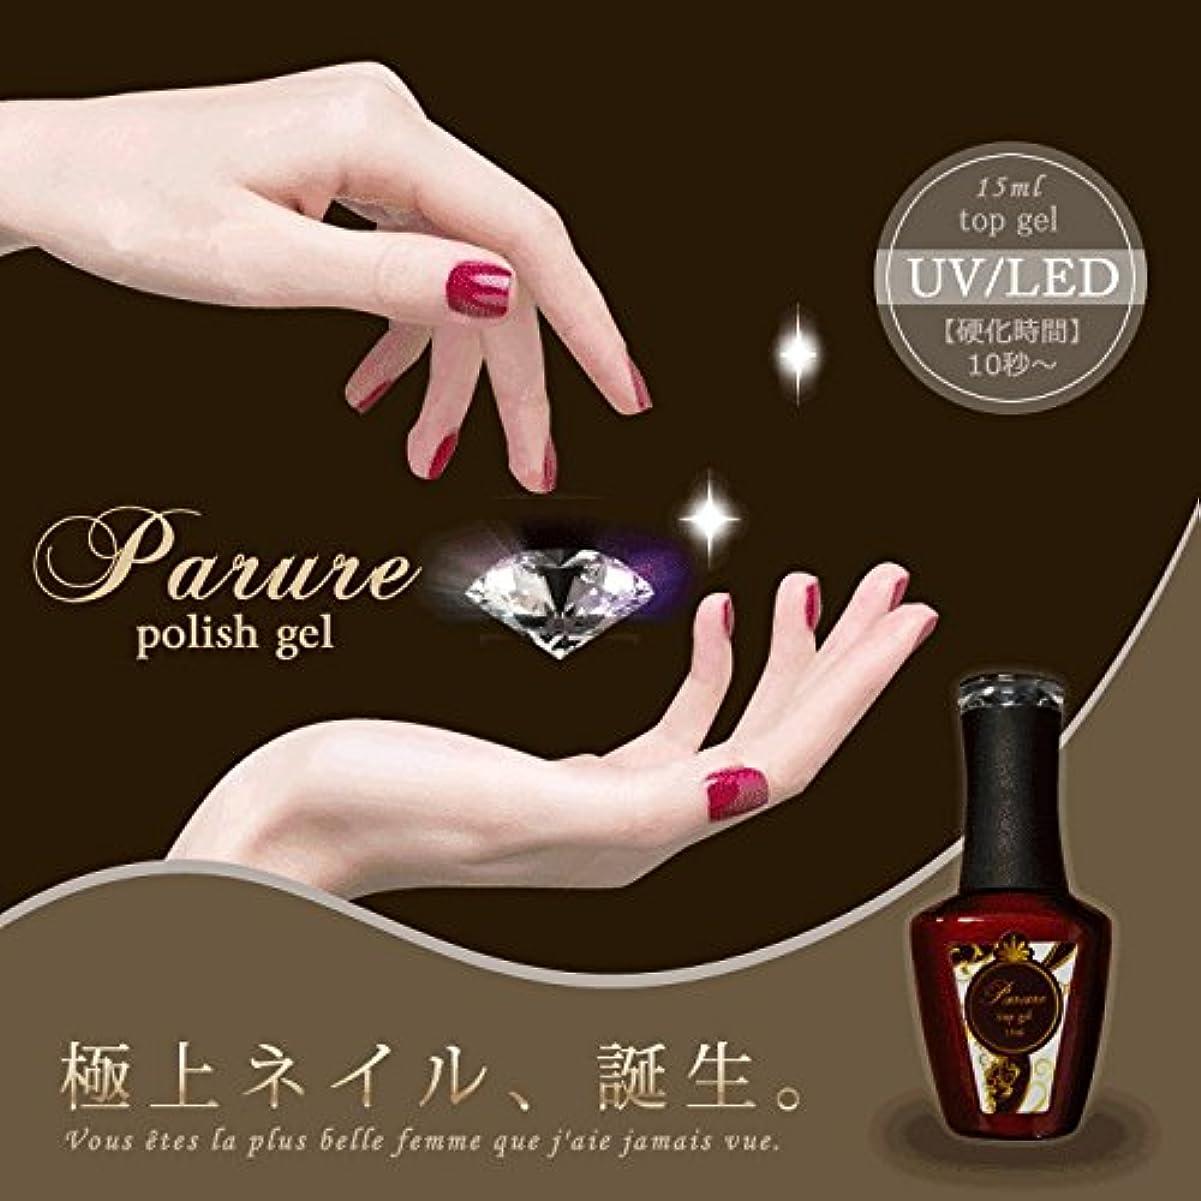 ジェルネイル《極上の艶とガラスの様な透明感》Parure パリュール ポリッシュトップジェル(15mL)